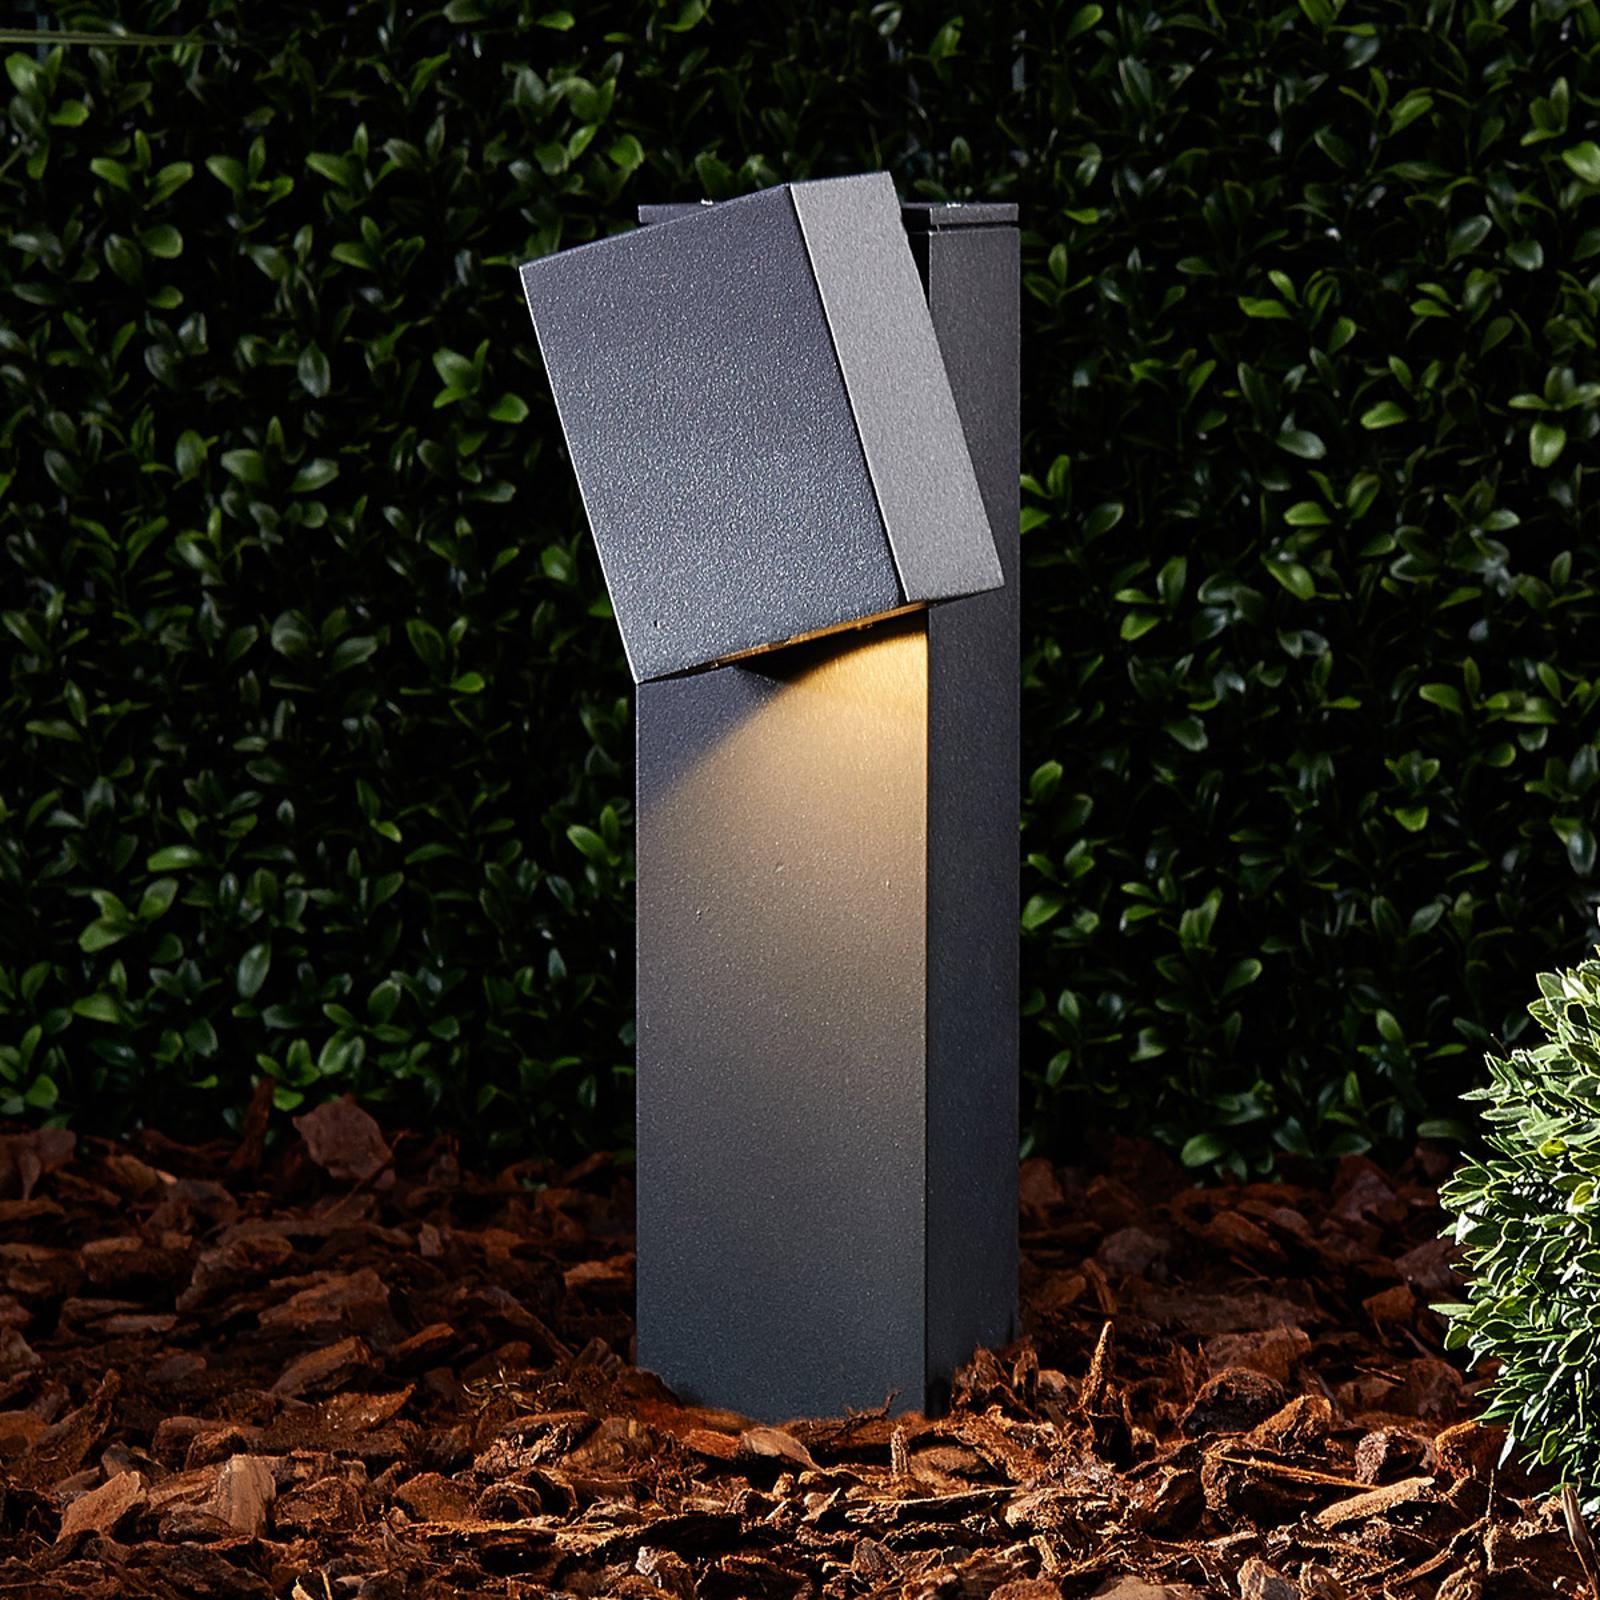 Verstellbare LED-Sockelleuchte Lorik